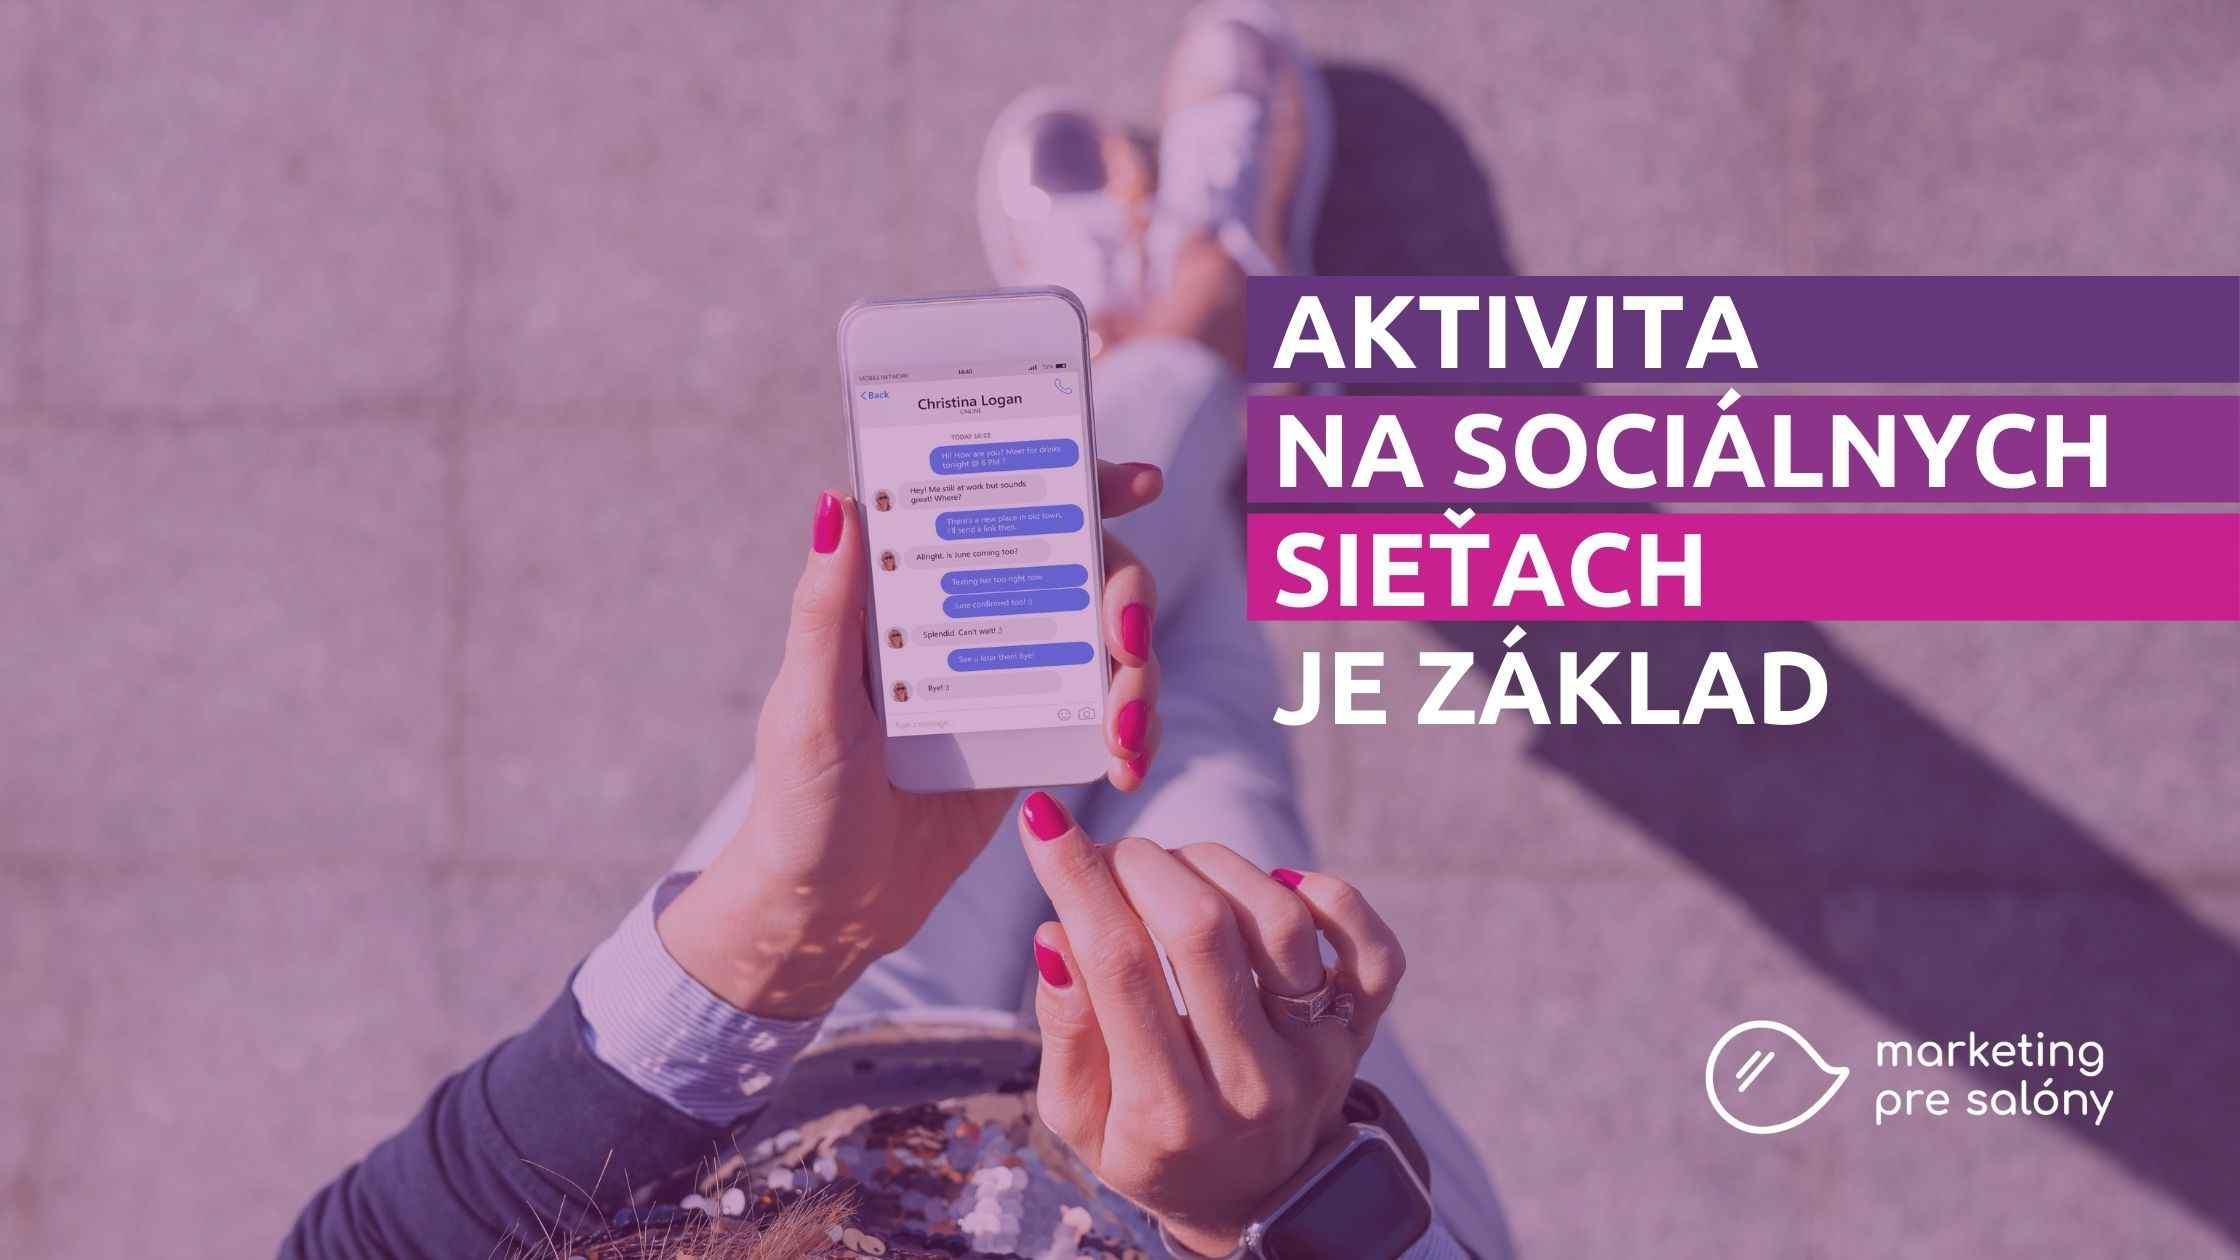 Musíte byť aktívni na sociálnych sieťach